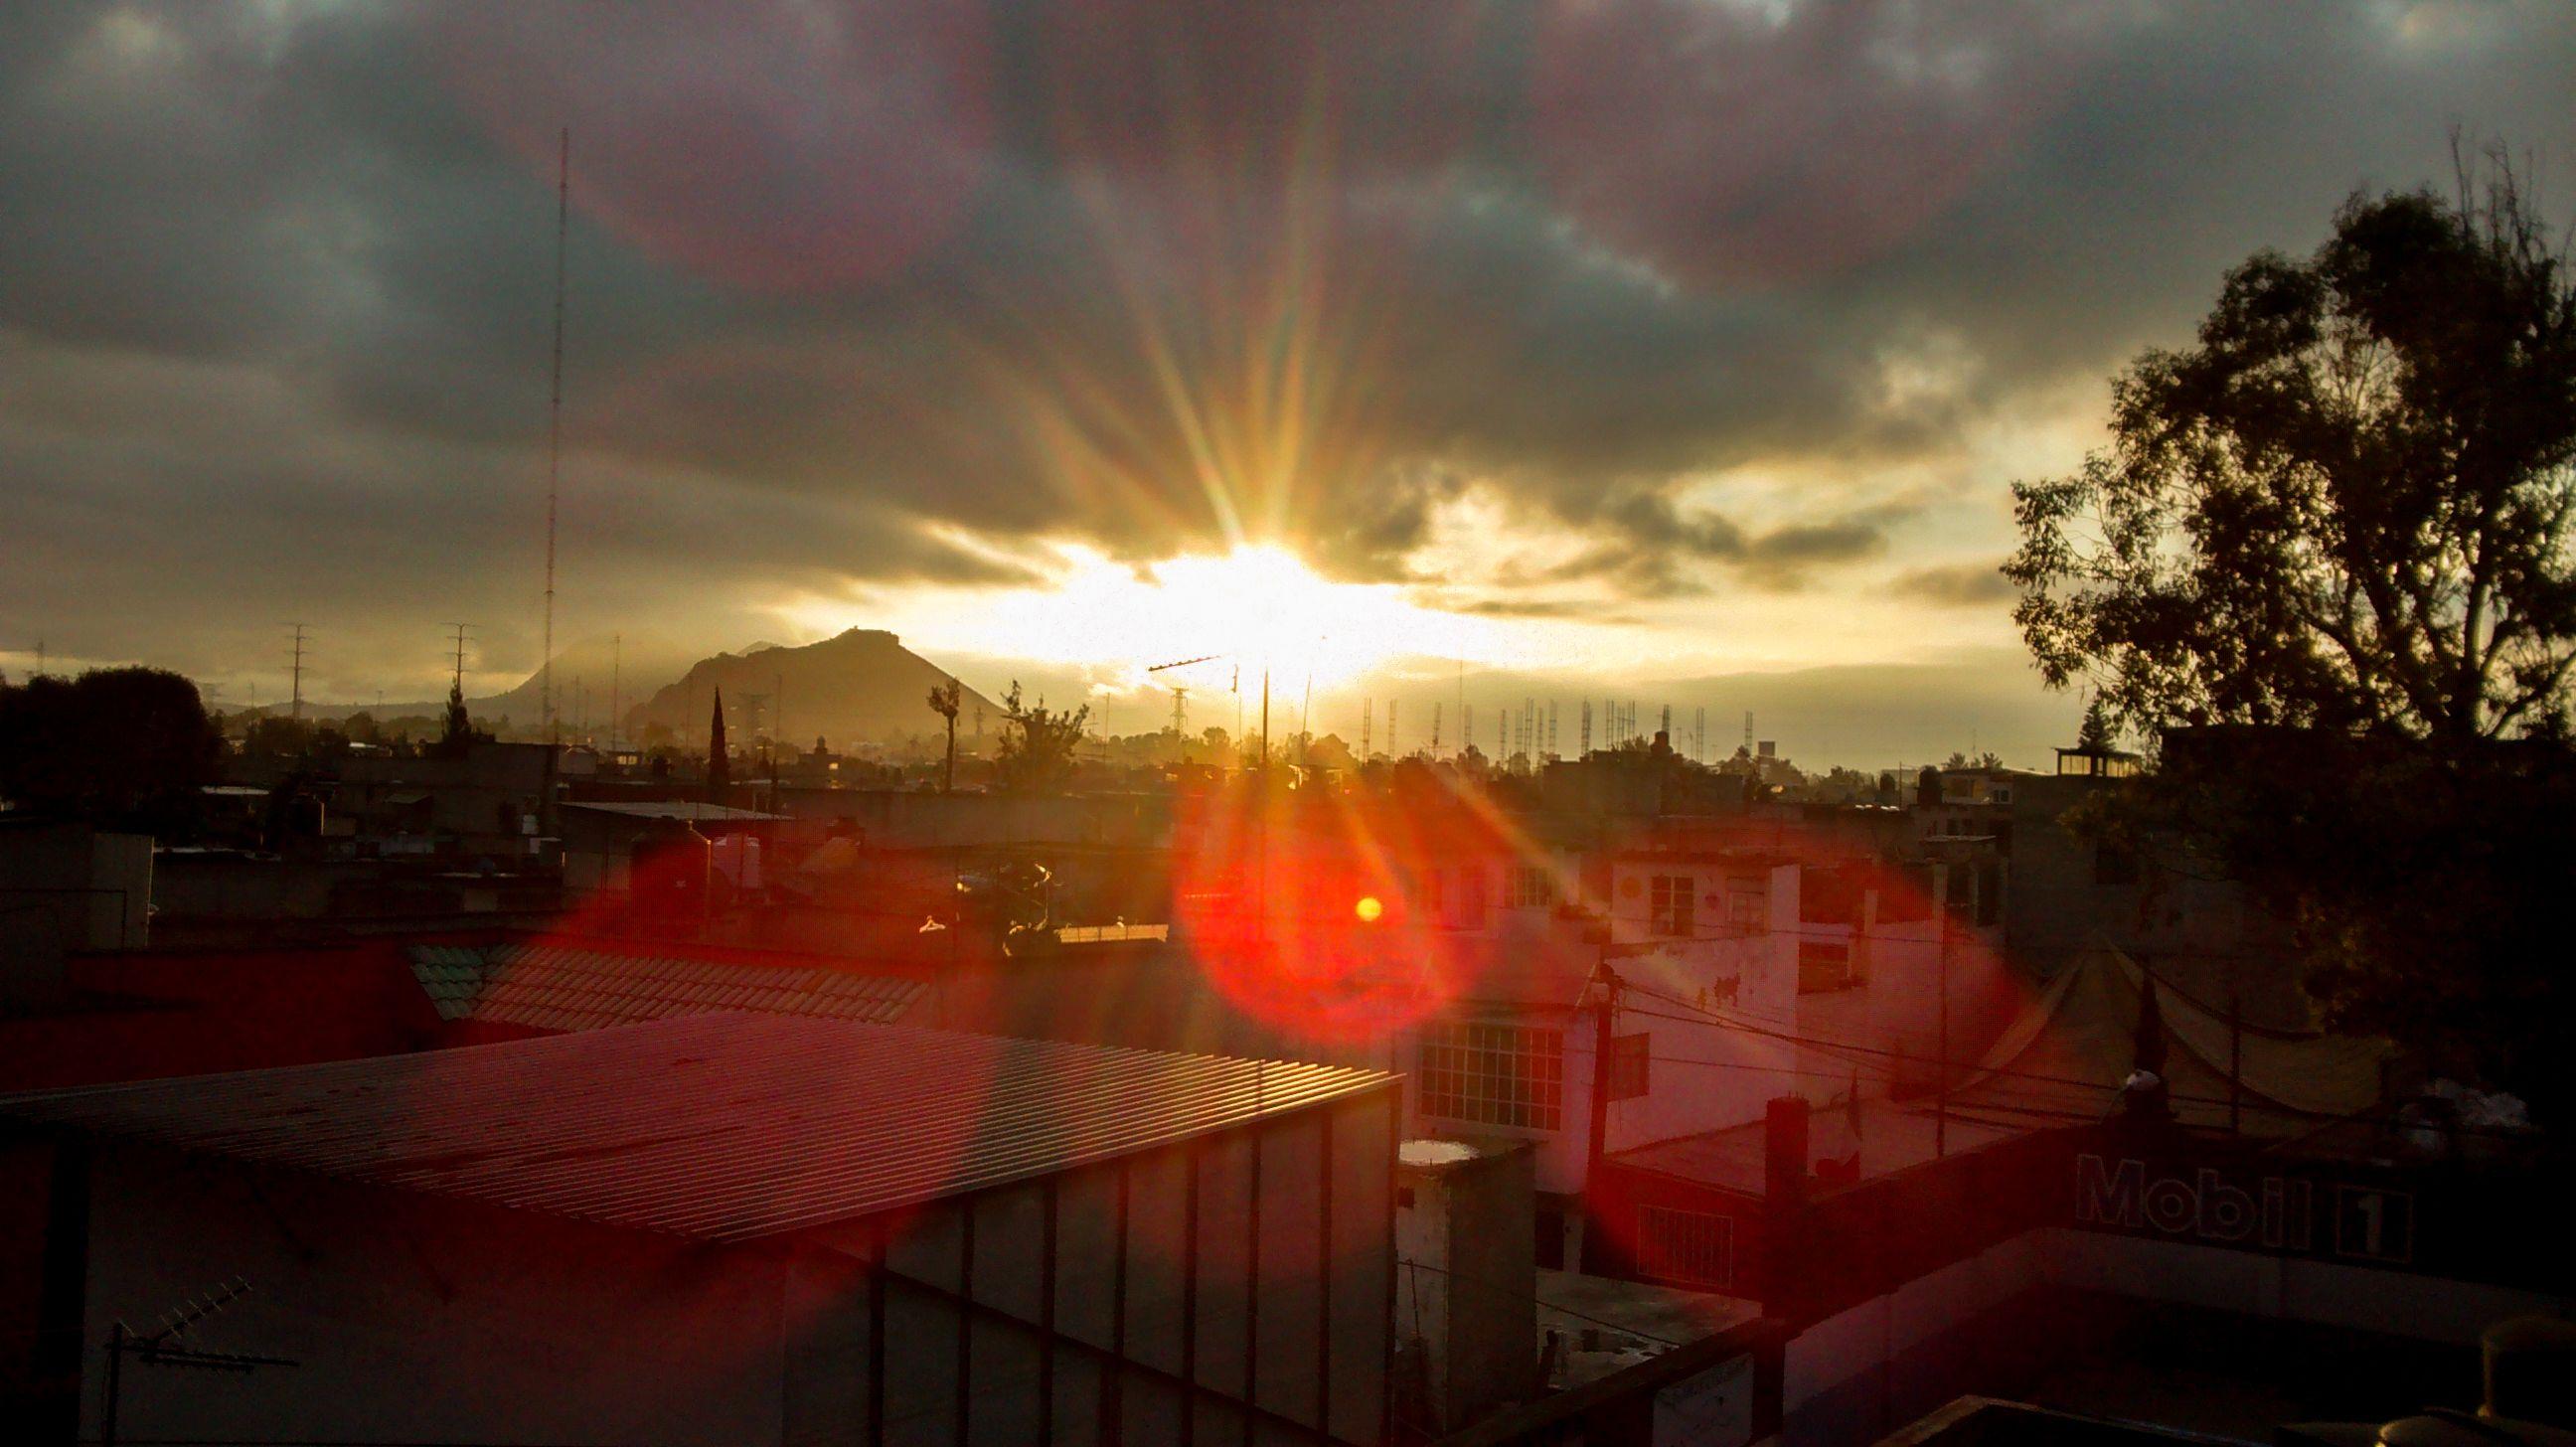 shine, sunset, city, distrito federal, mexico, clouds, sun, amanecer, luz, sol, ciudad, nubes